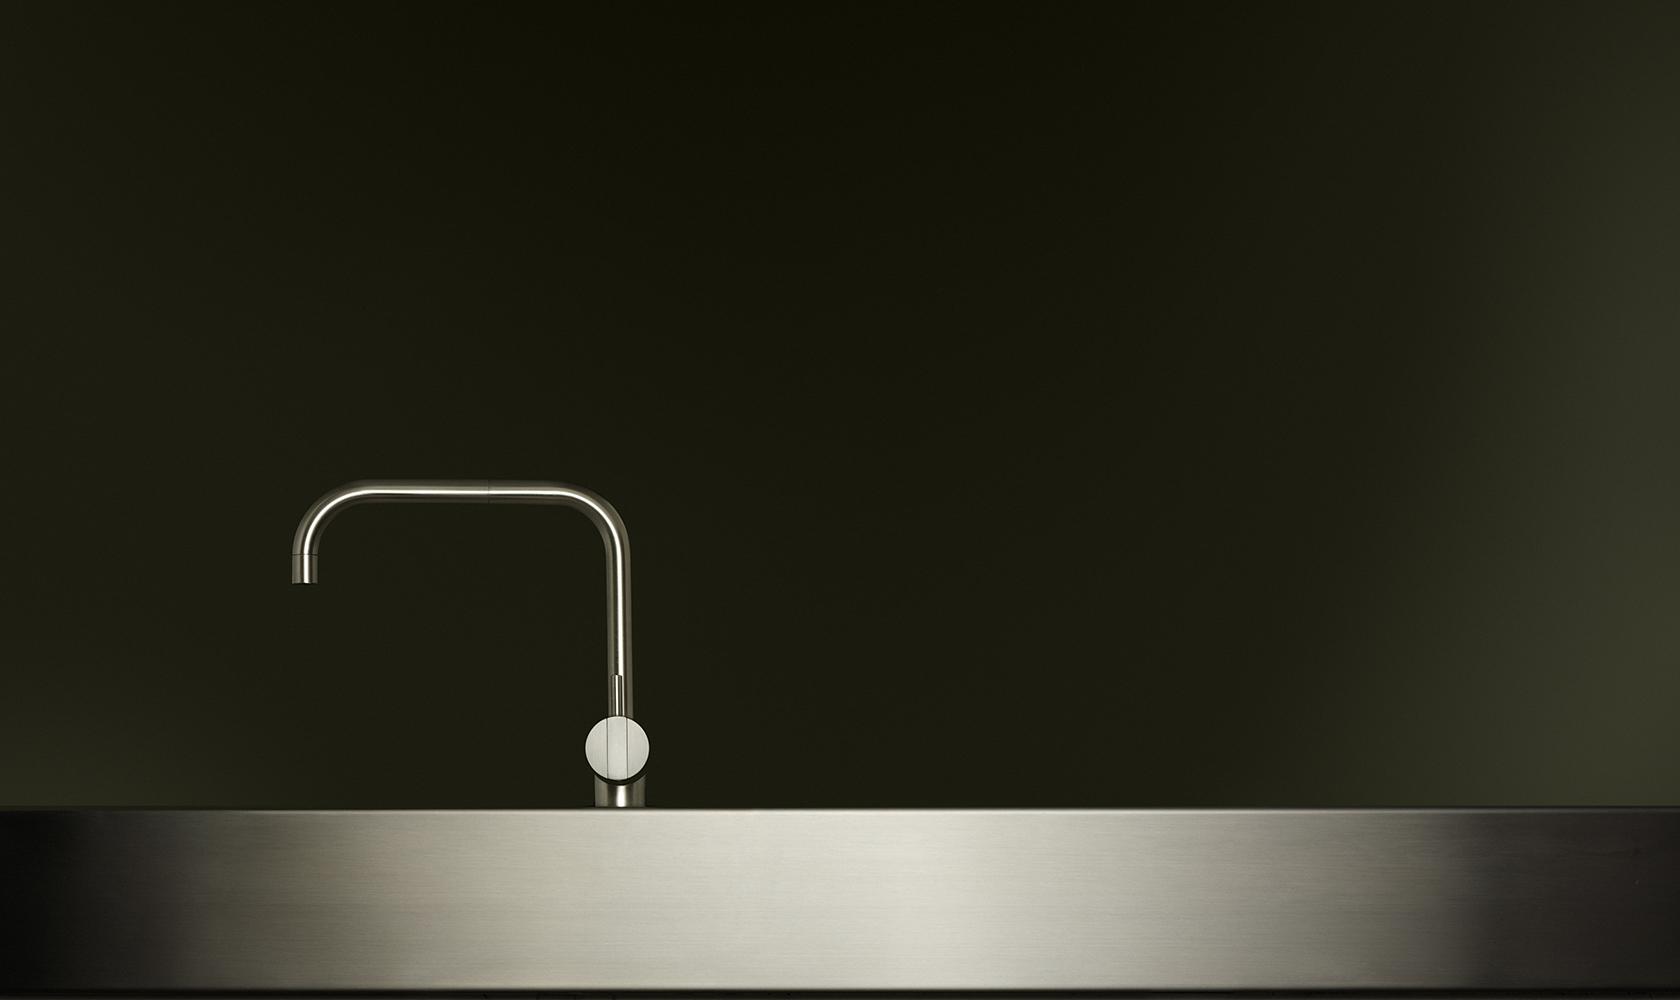 Kitchen design stainless steel Vola tap hob sink stylish design dark